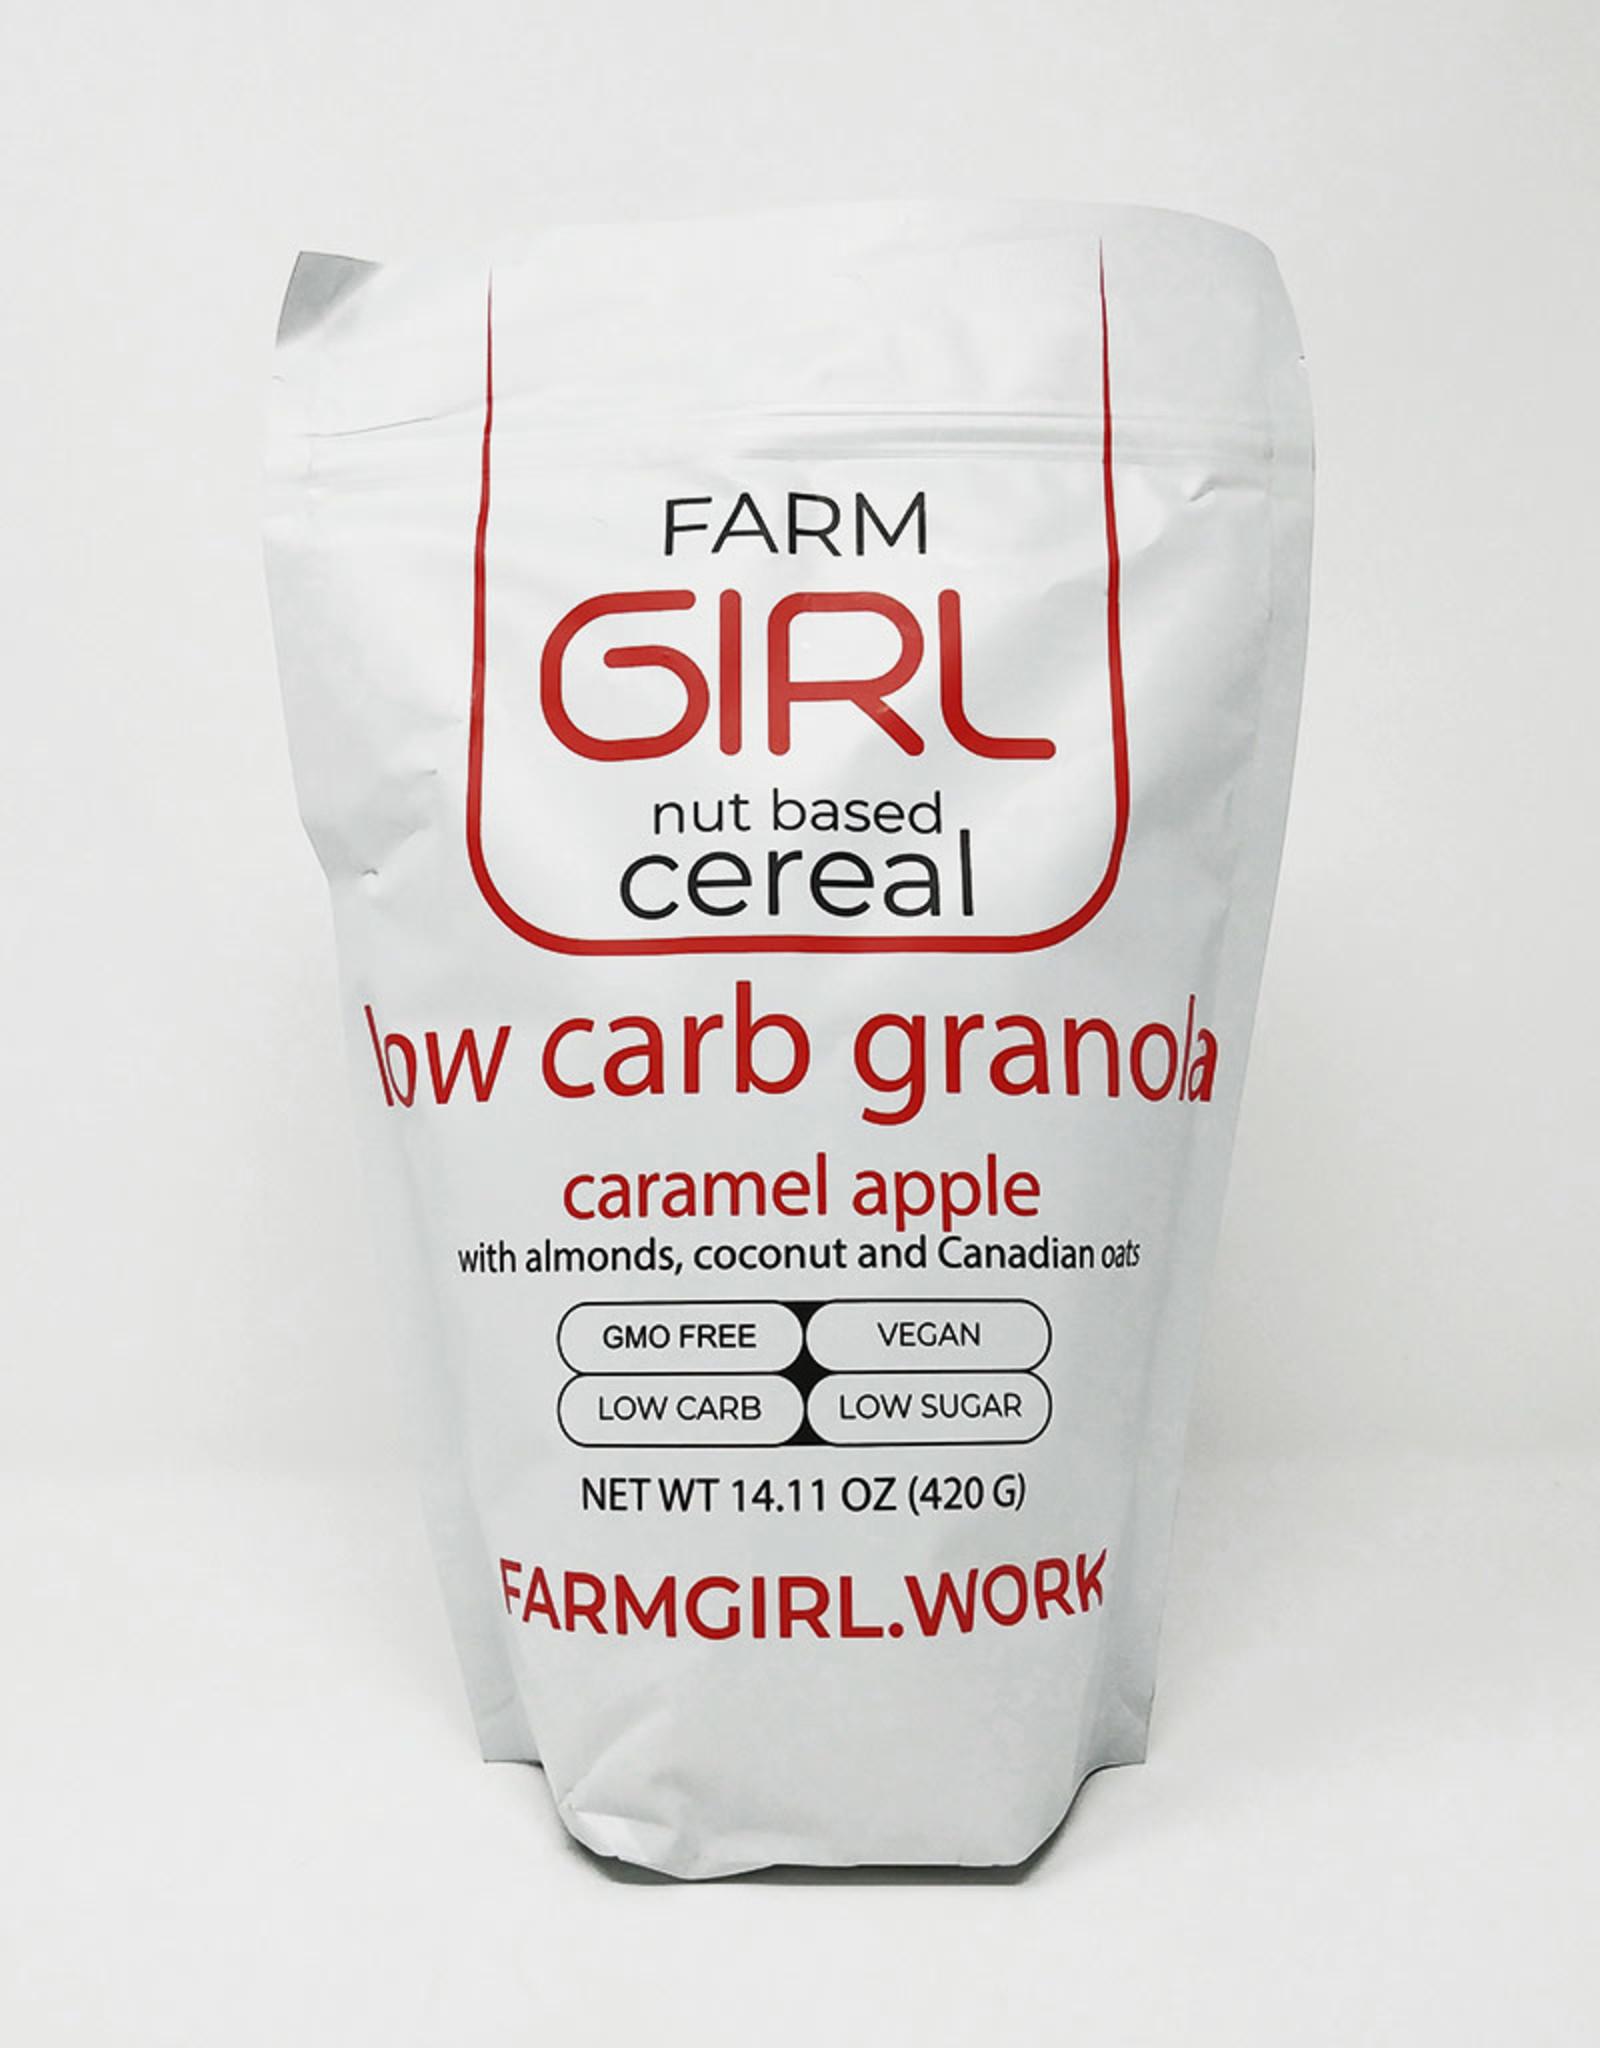 Farm Girl Farm Girl - Cereal, Low Carb Caramel Apple (420g)